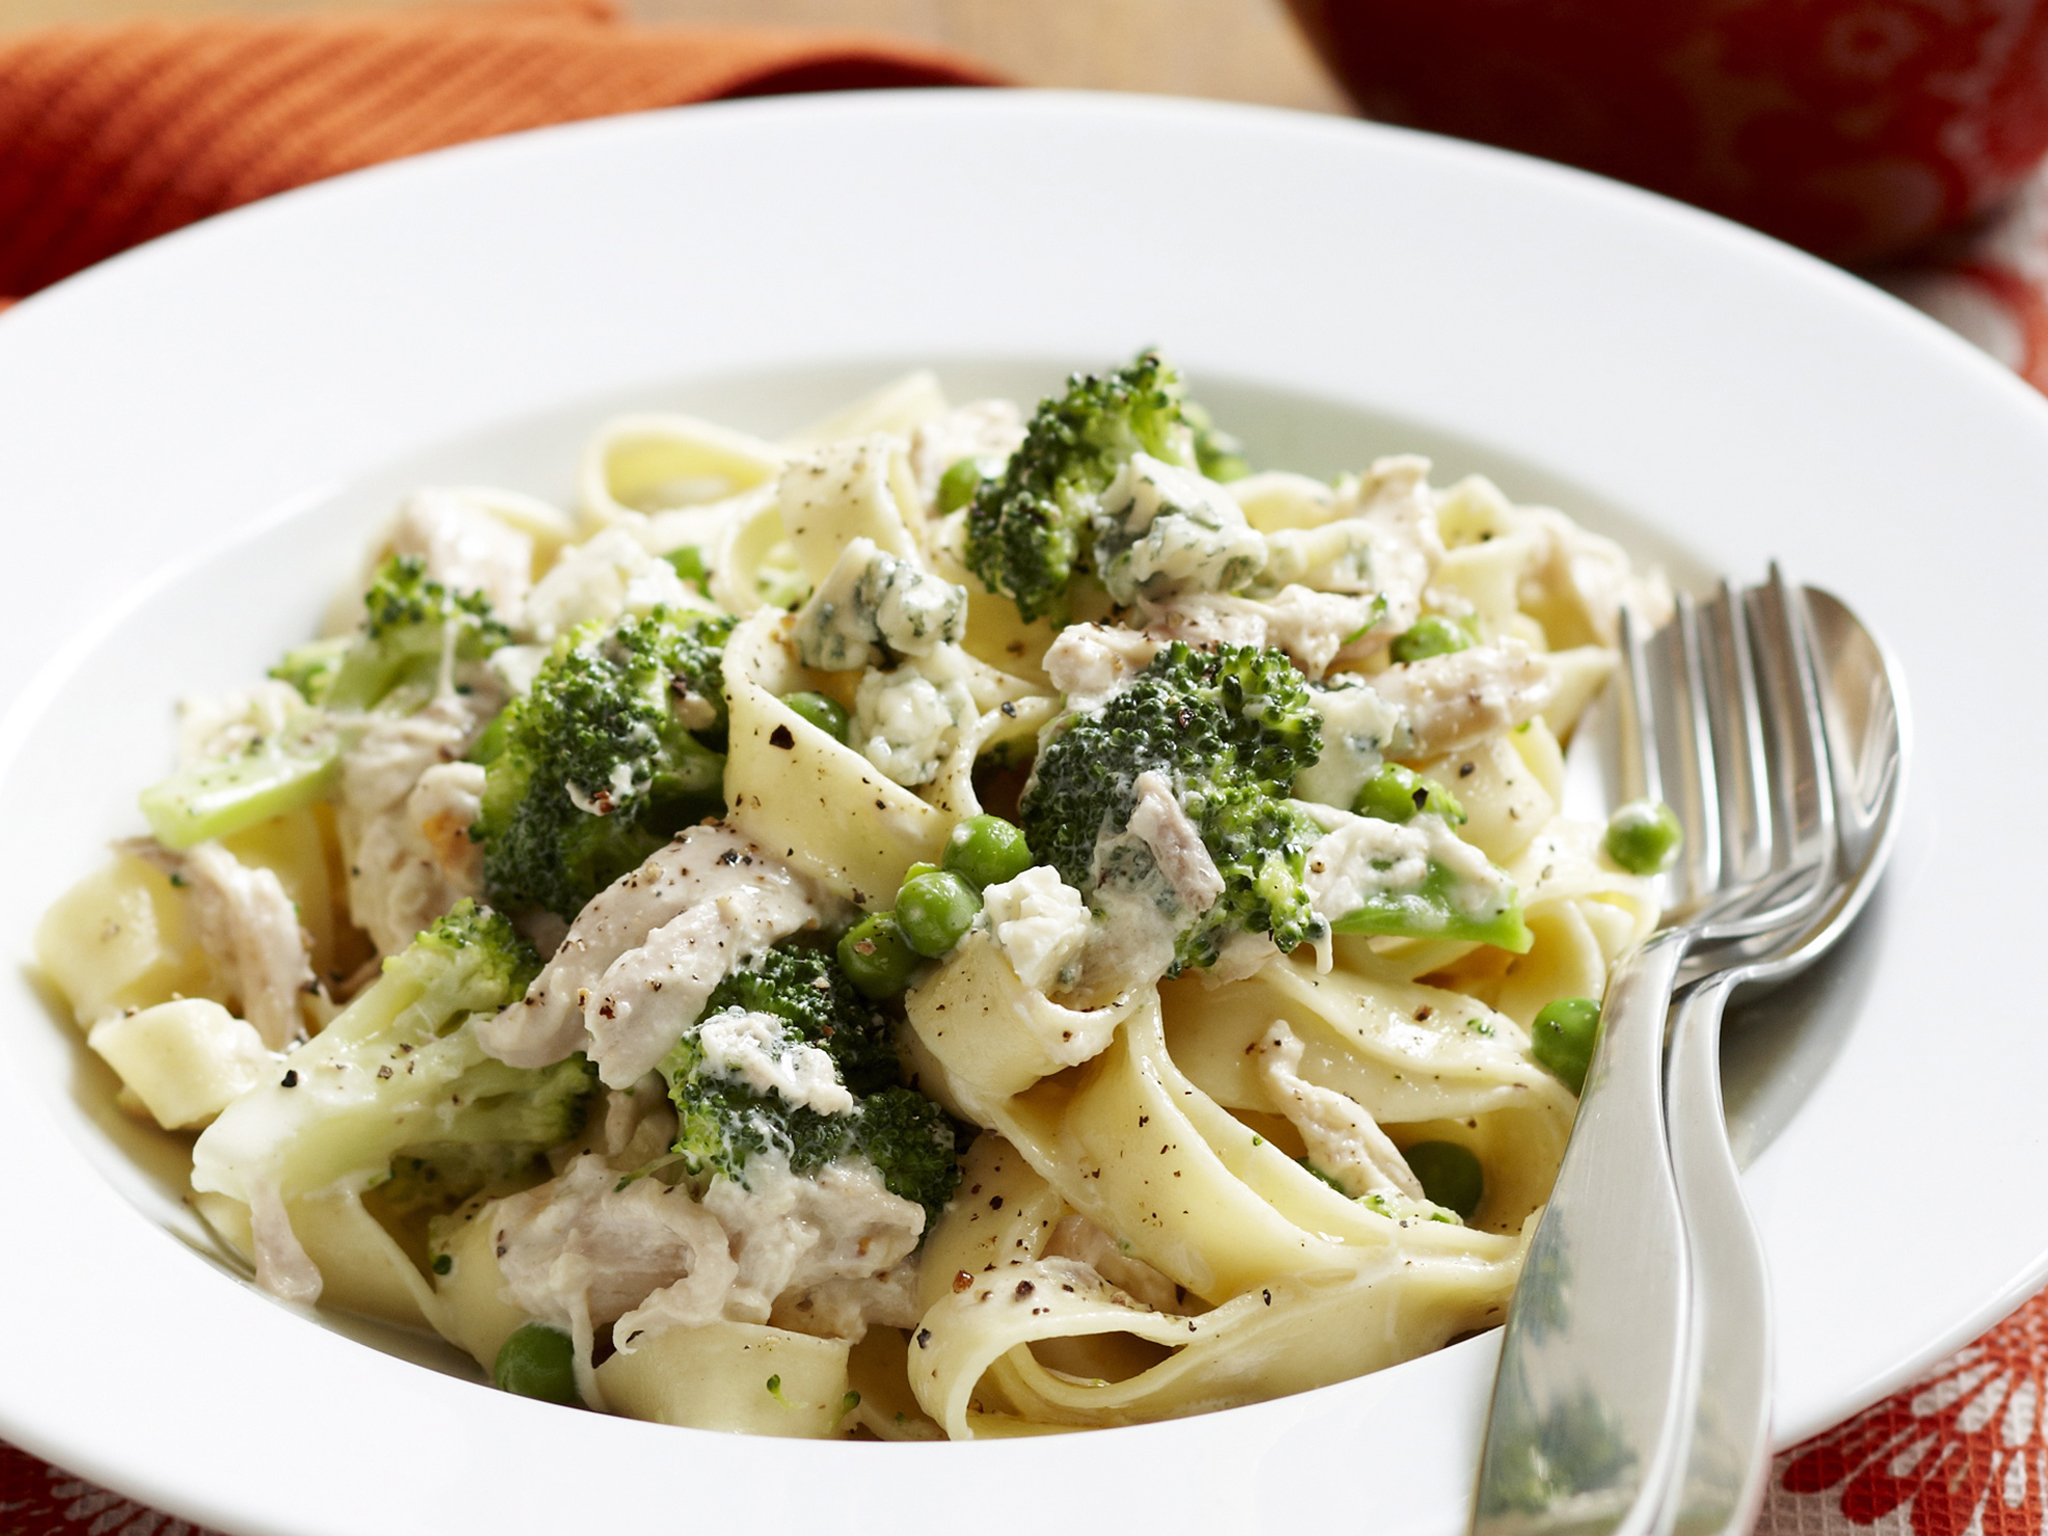 Chicken spaghetti and broccoli recipes